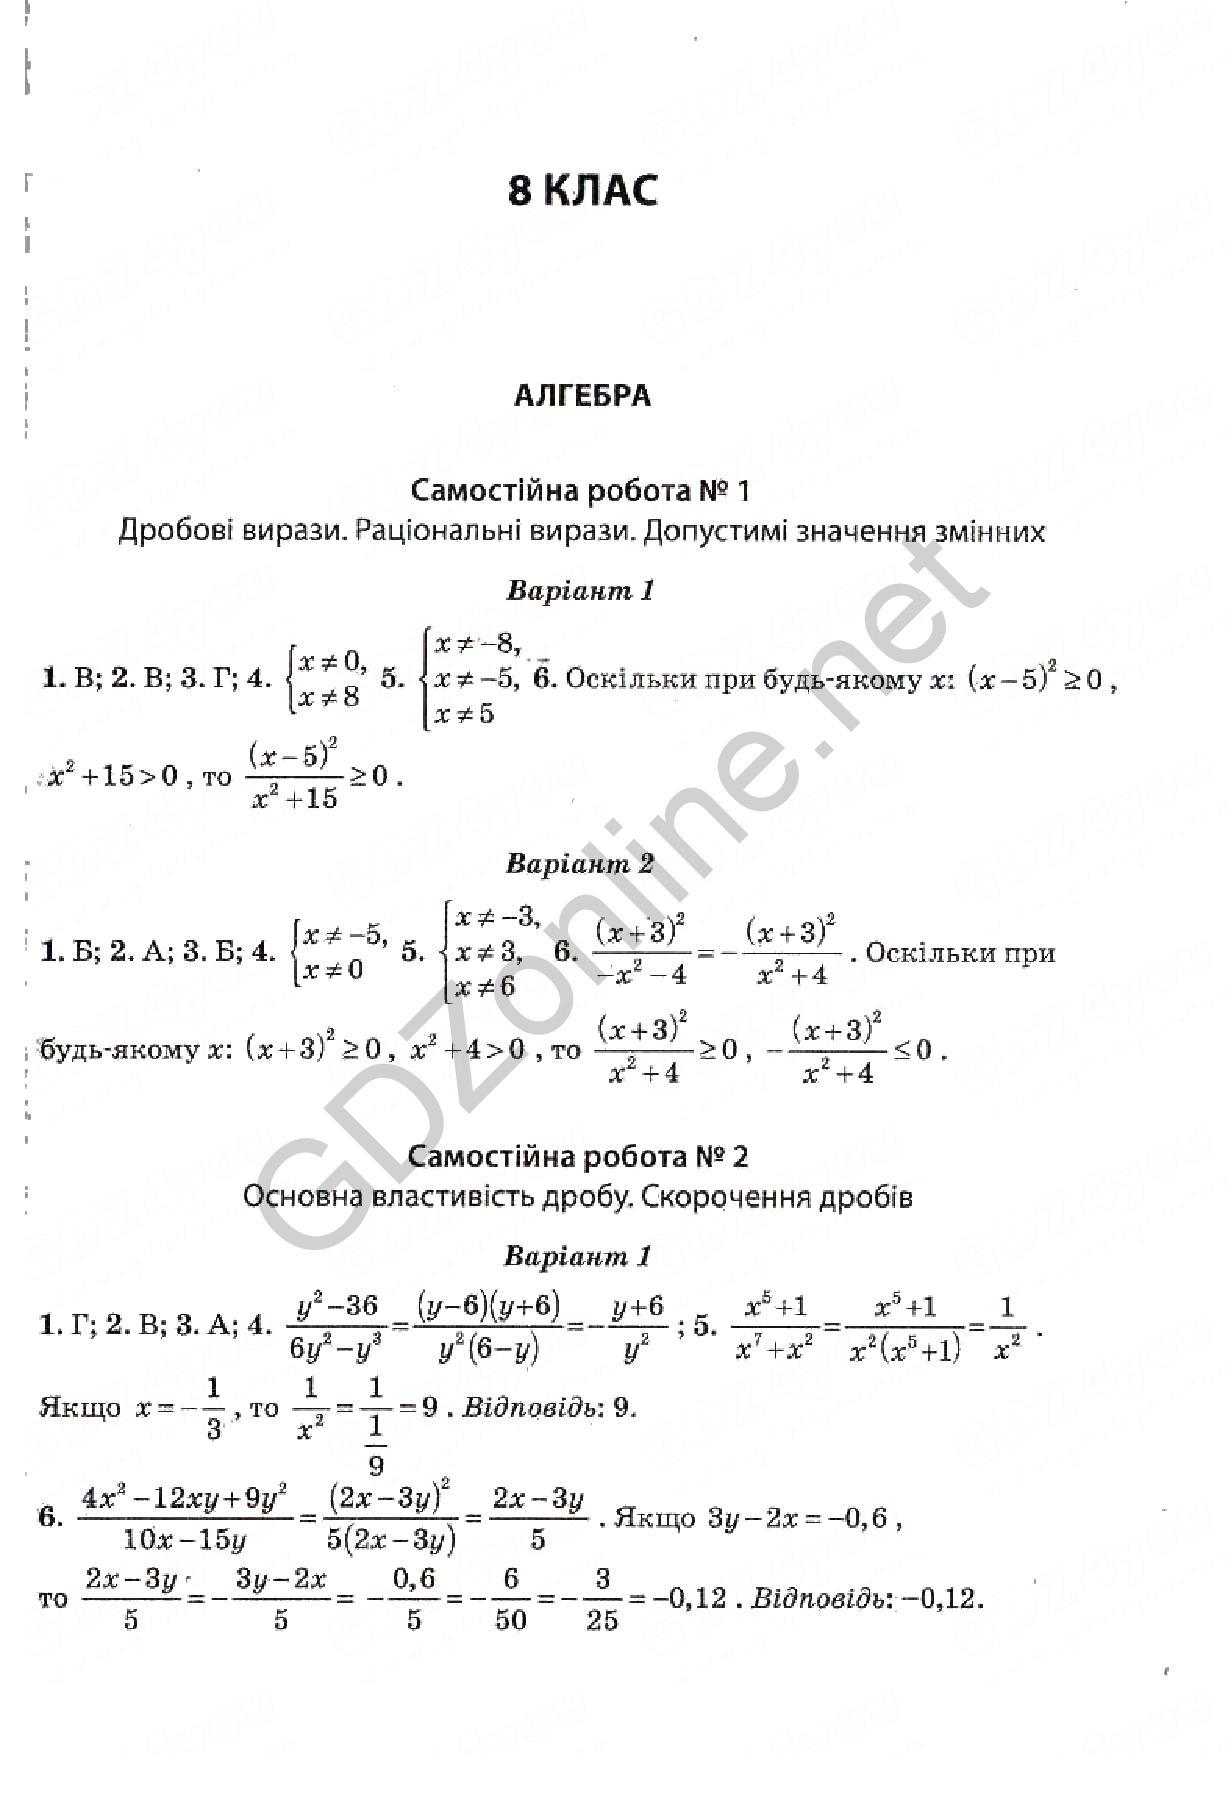 Тестовый контроль знань з алгебры и геометрии 8 клас